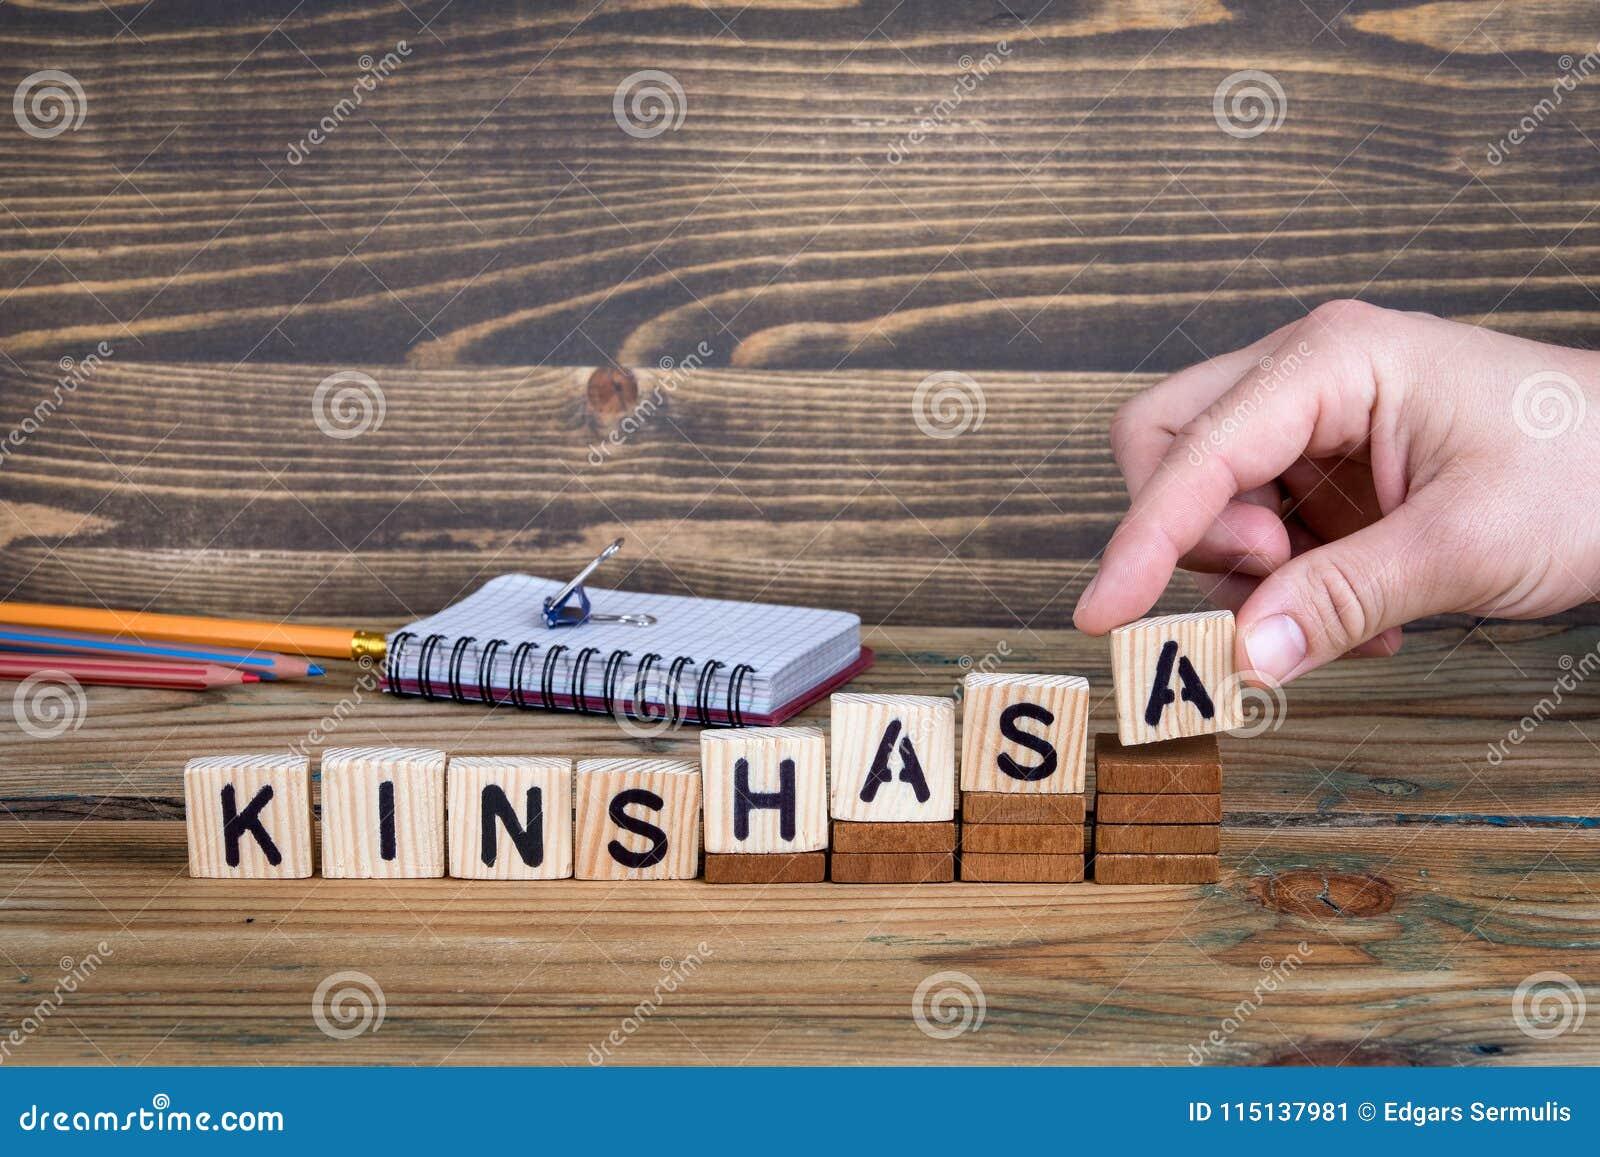 金沙萨,许多数百万人居住的一个城市在刚果民主共和国